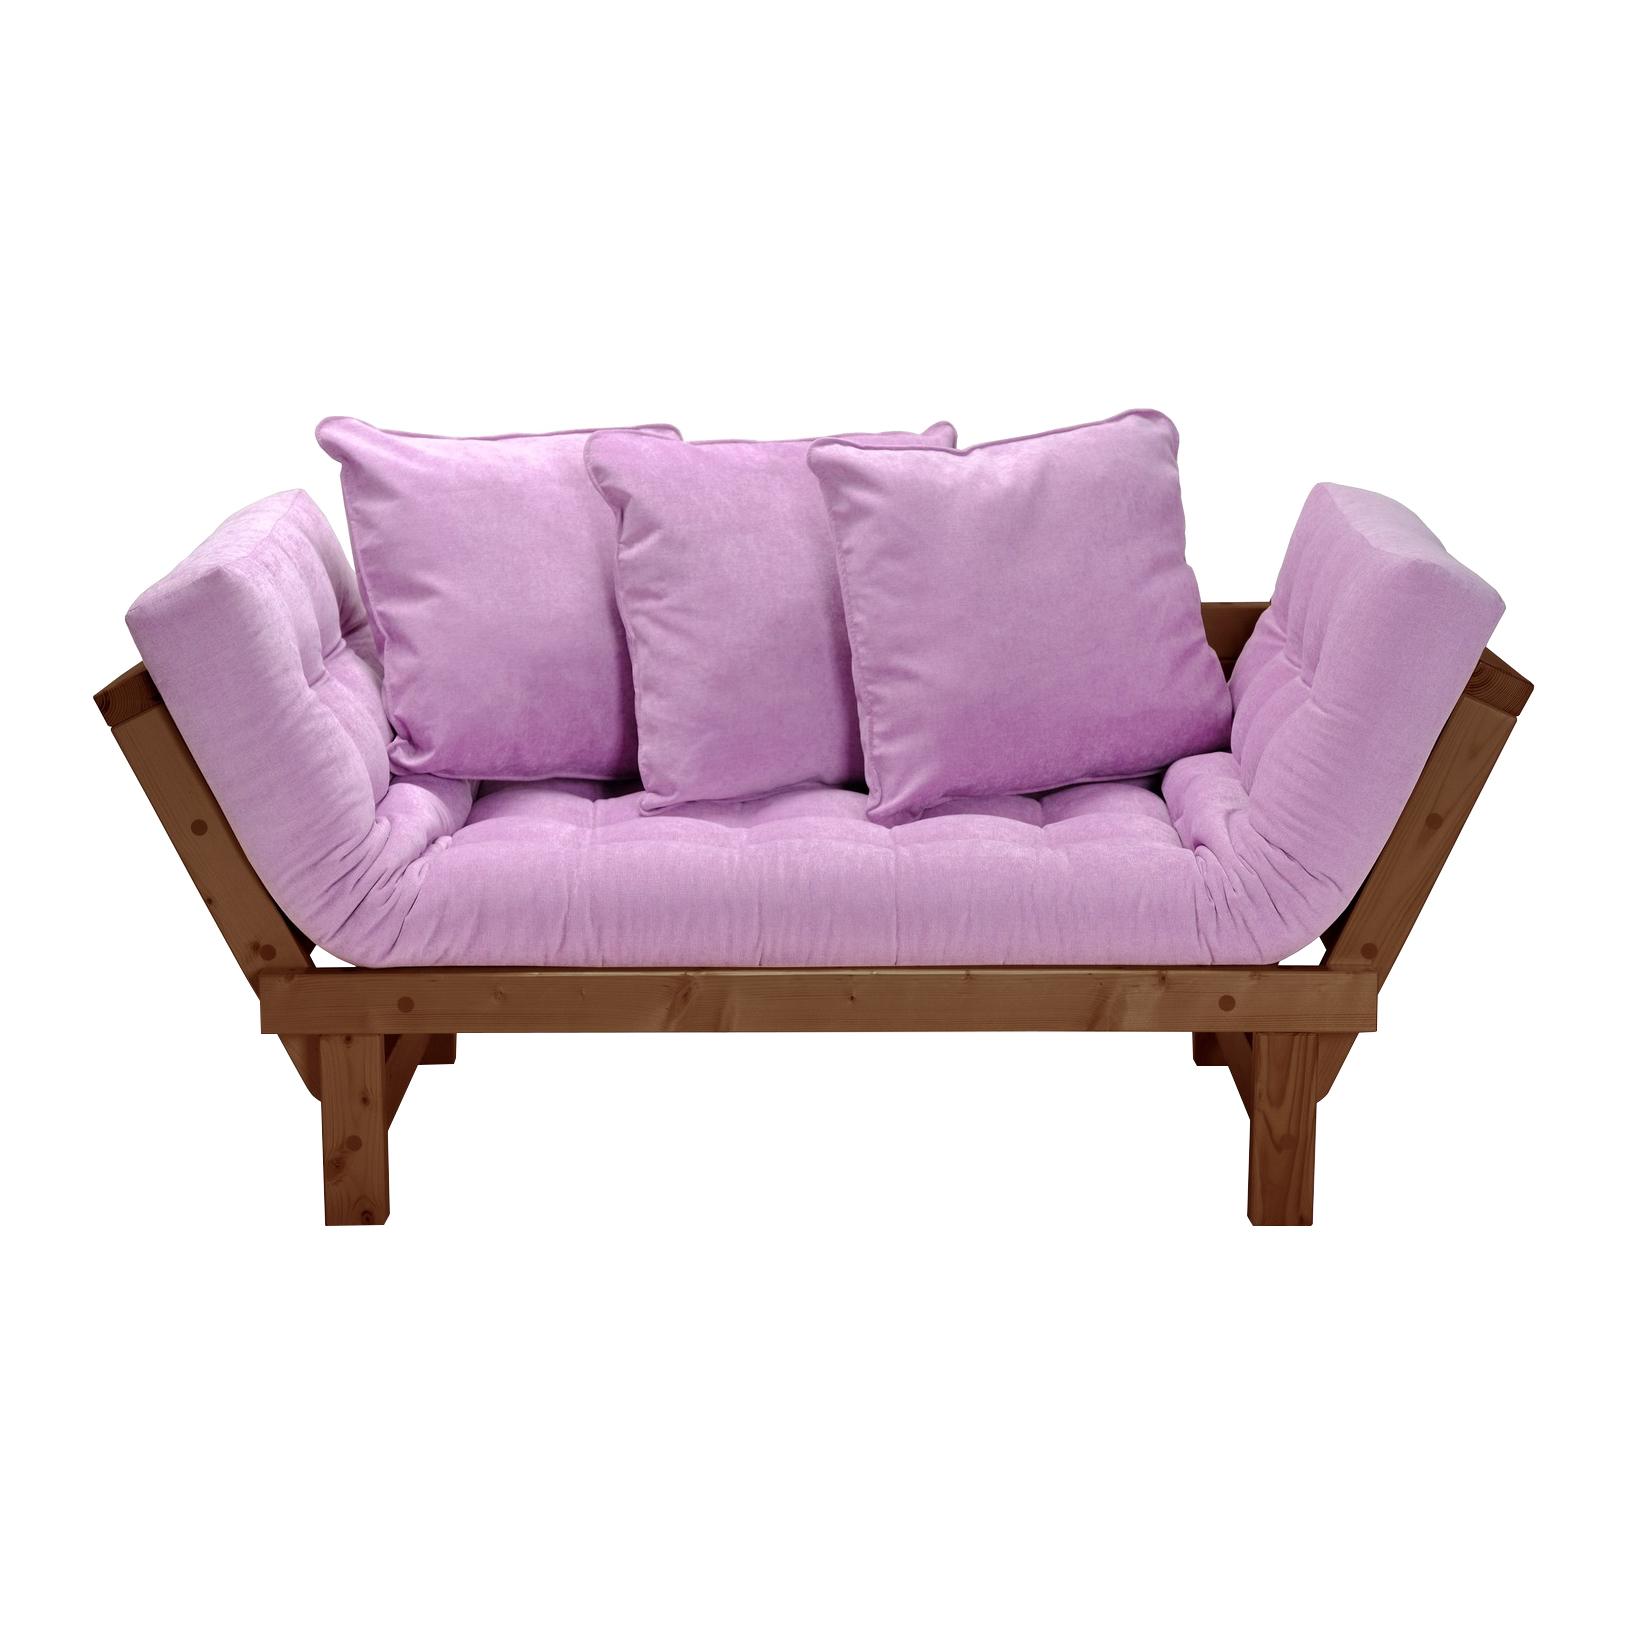 Кушетка AS Санди 158x77x61 орех/розовый фото